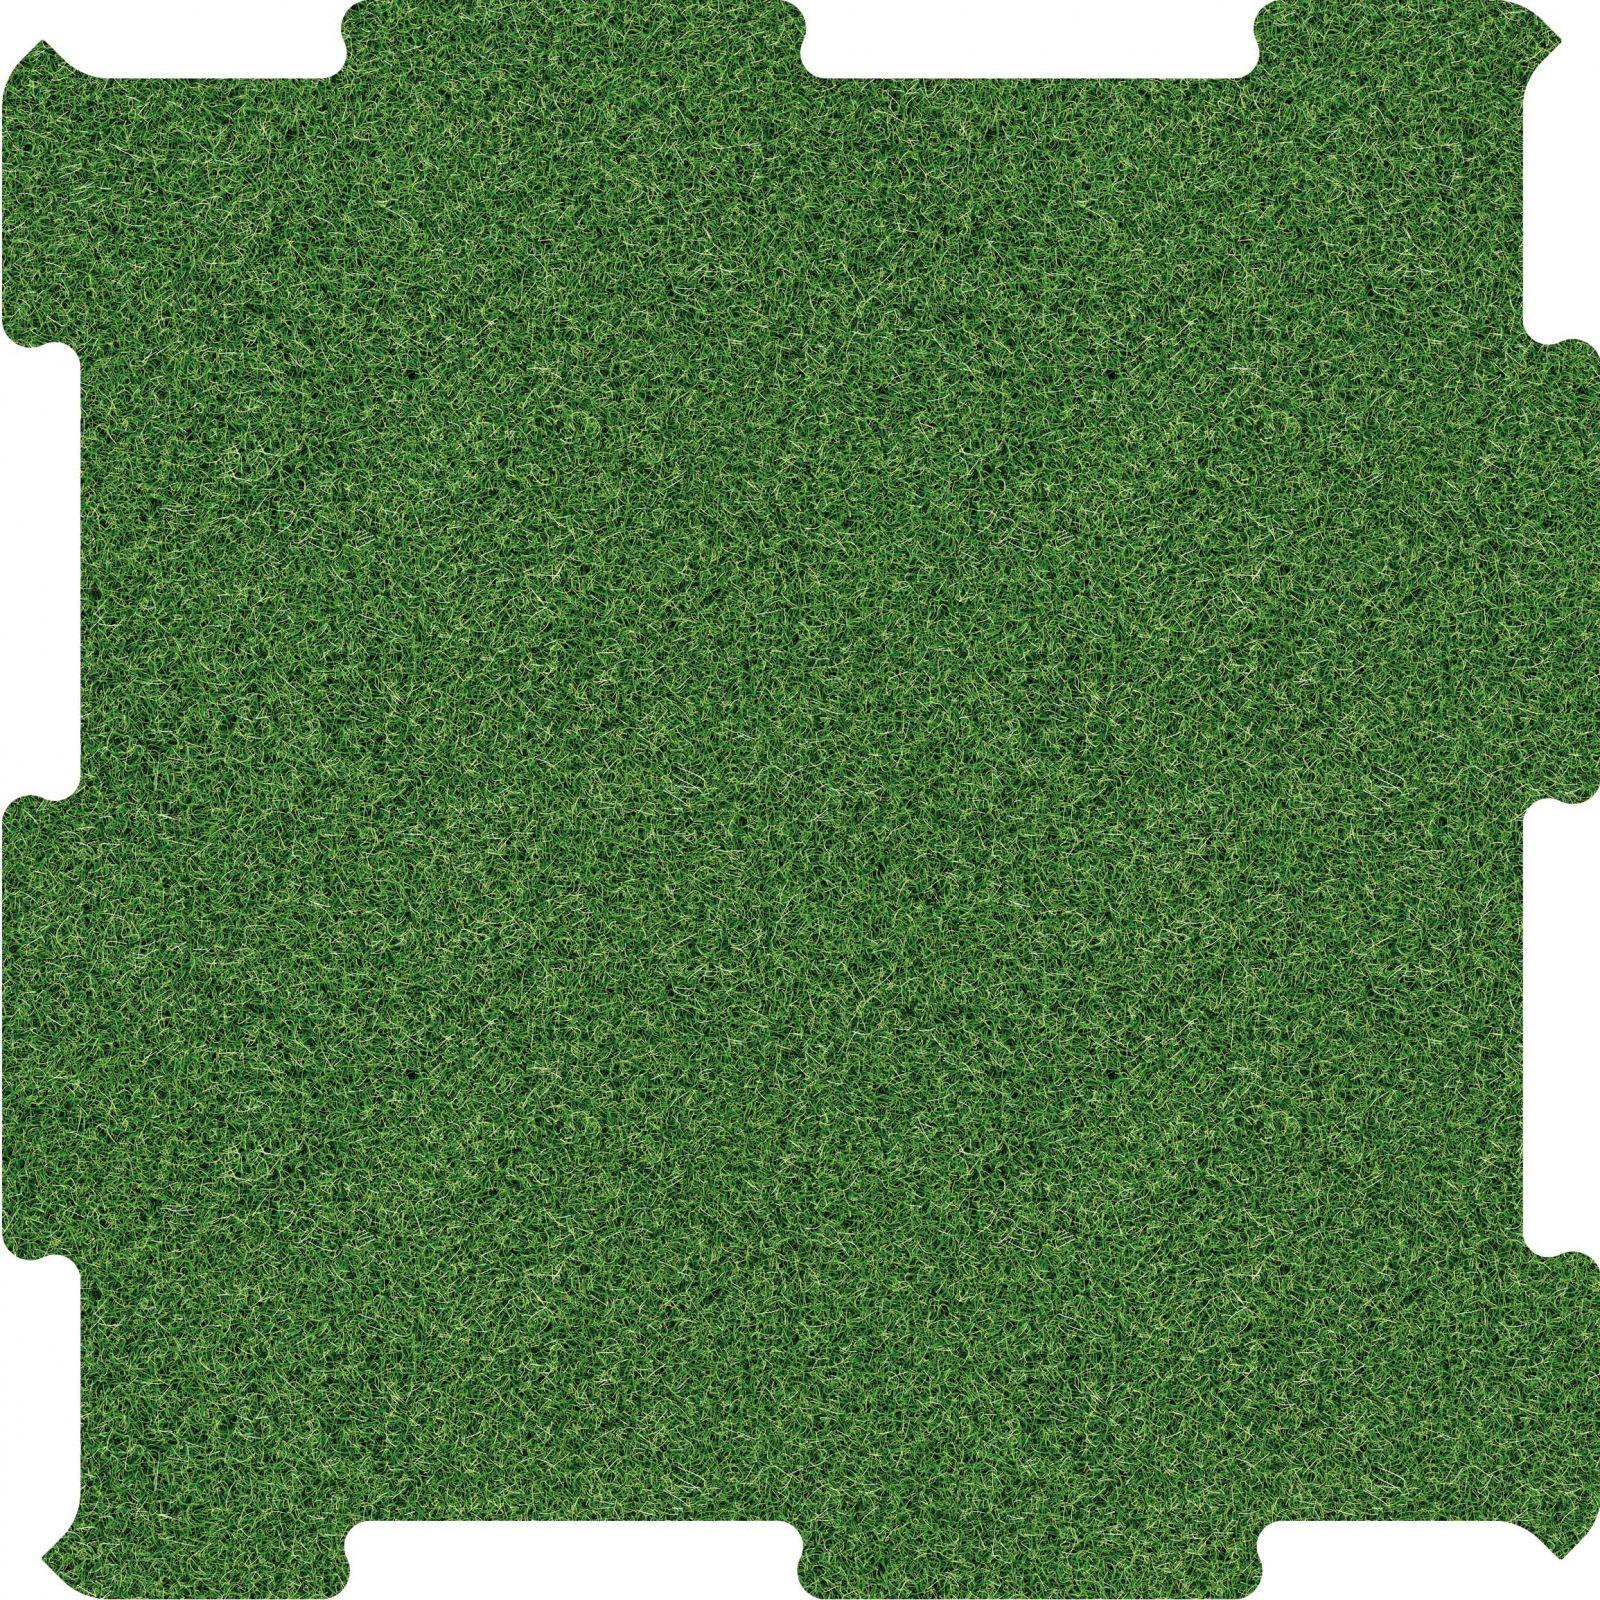 Podlahove puzzle silnice travnata plocha